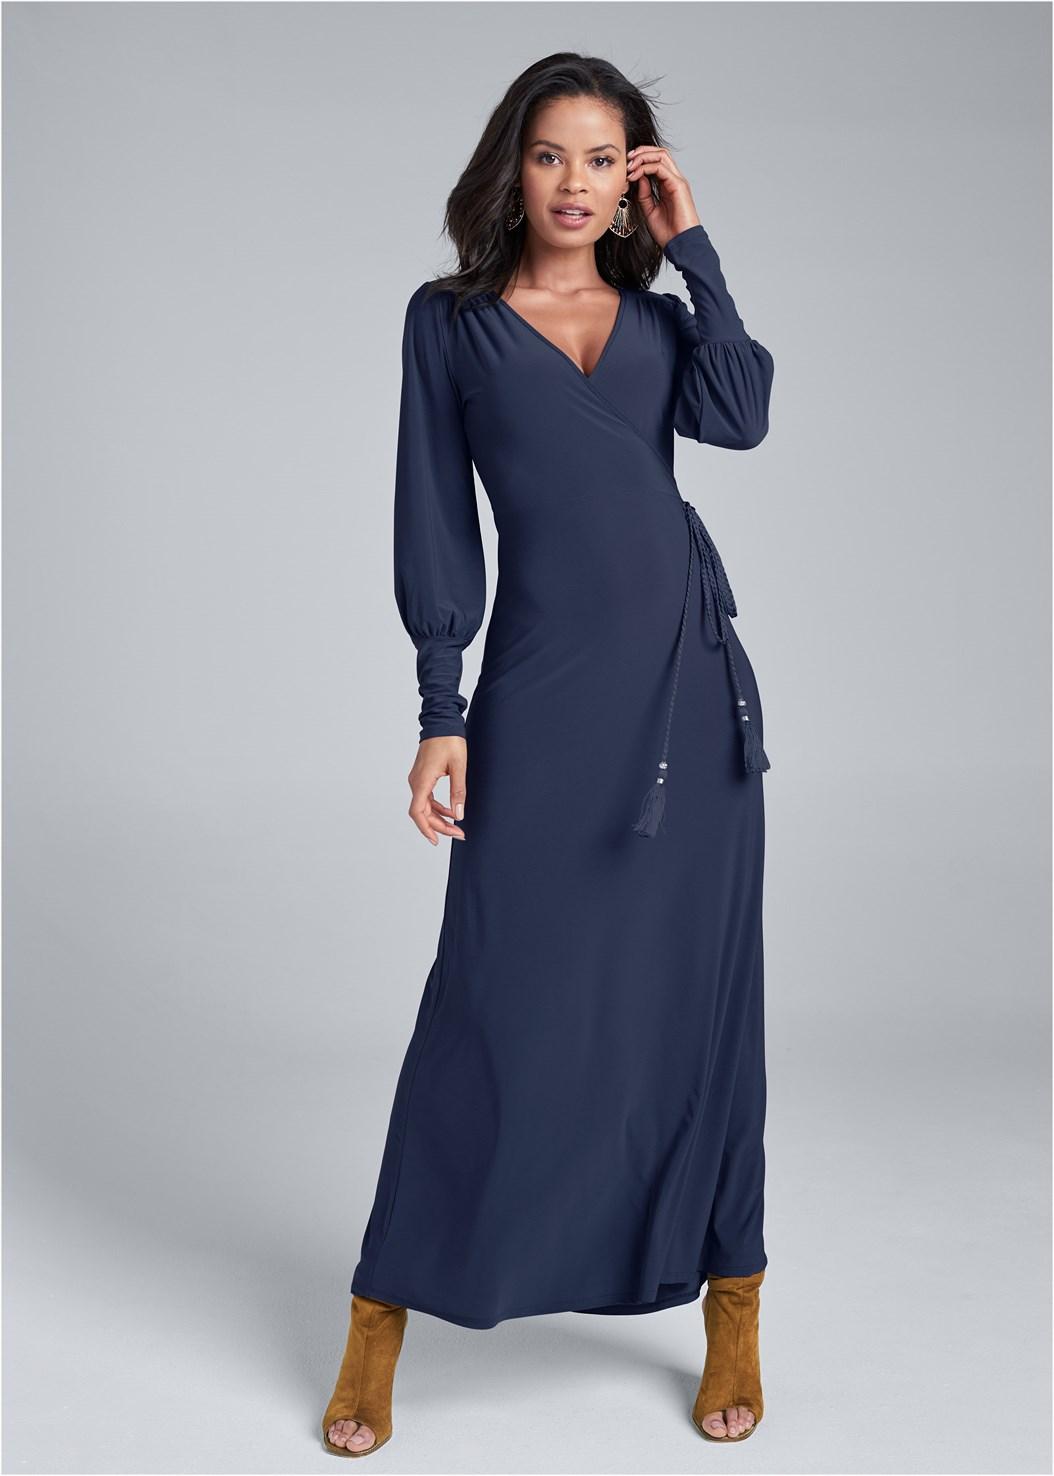 Tassel Detail Long Dress,Seamless Unlined Bra,Beaded Leaf Shape Earrings